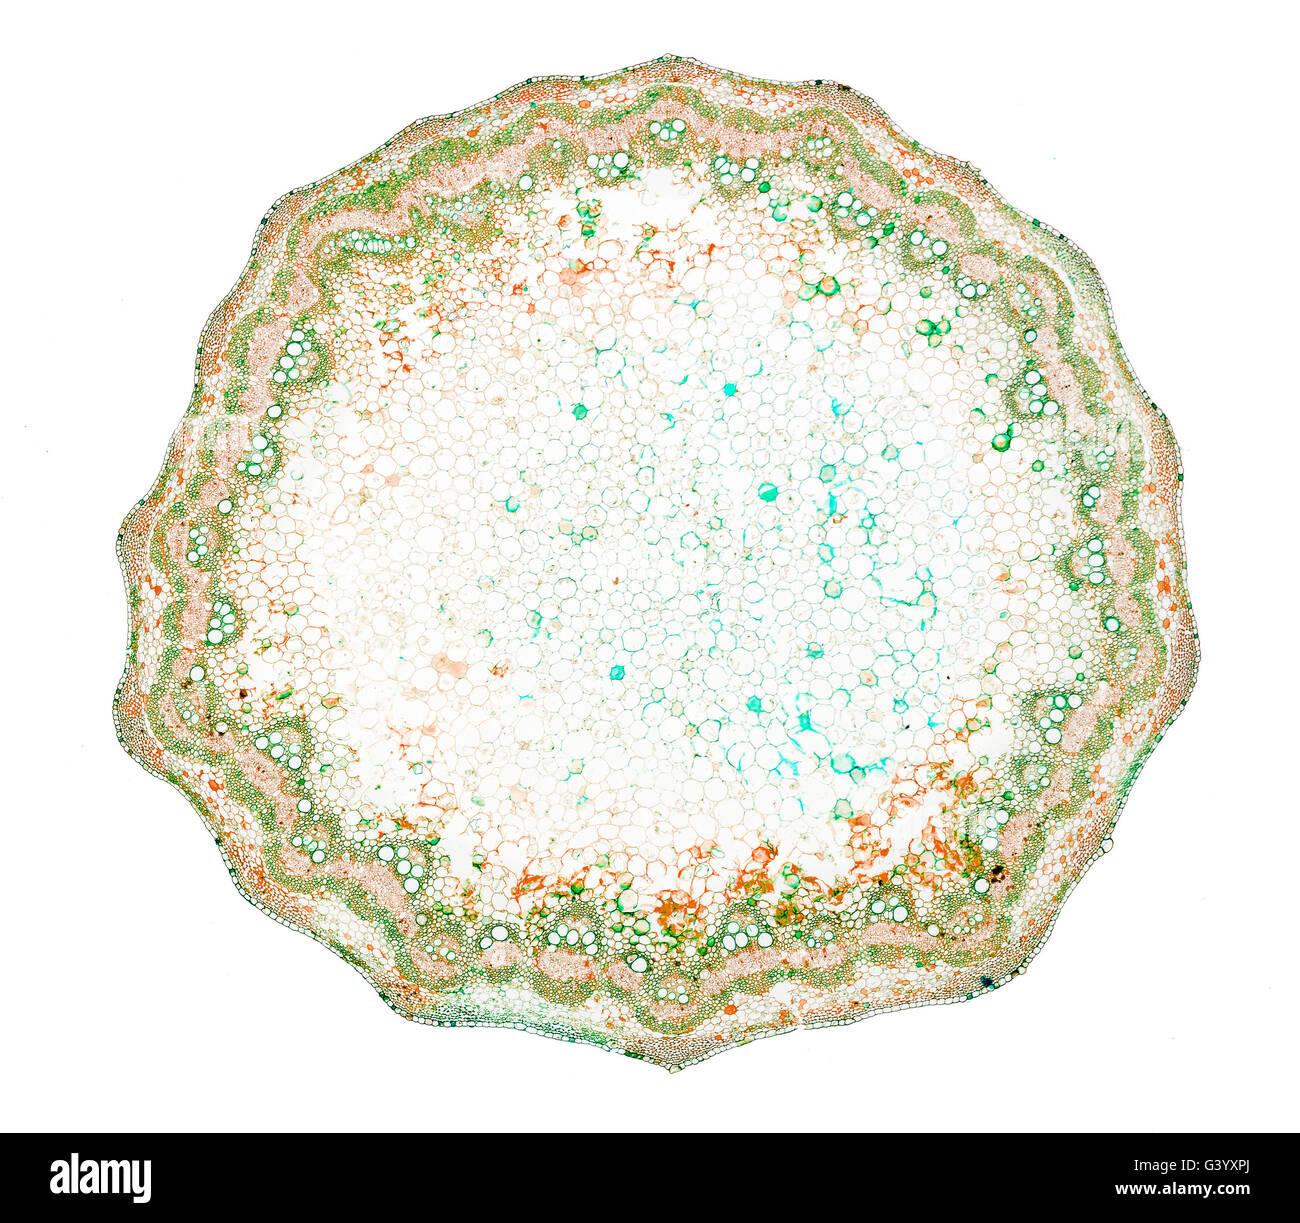 Microfotografía Brightfield, tallo TS. Rumex obtusifolius, amargo, de amplia base dejados dock, dock, dock Imagen De Stock